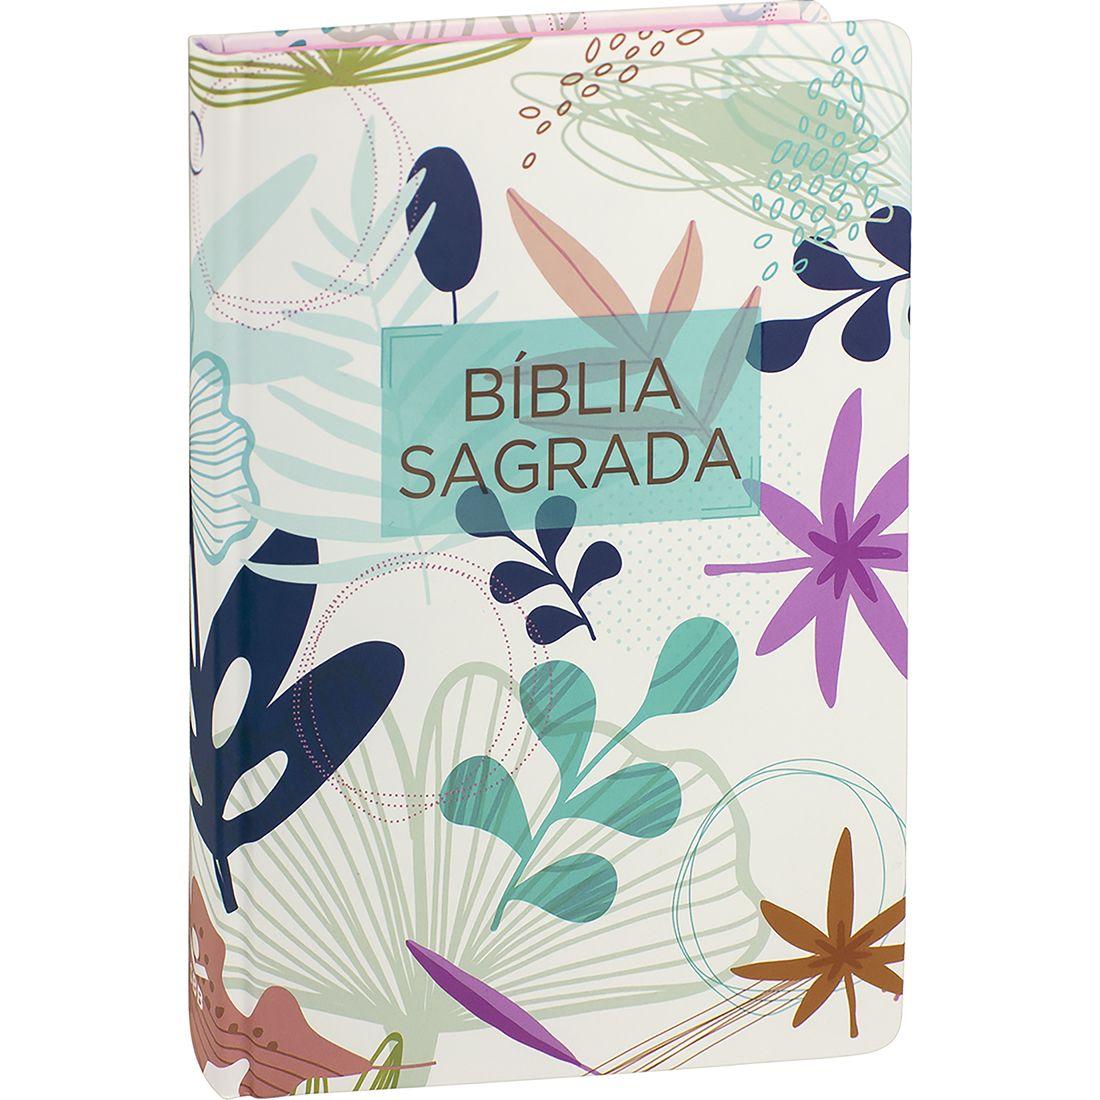 Bíblia Sagrada - Flores I  - Universo Bíblico Rs